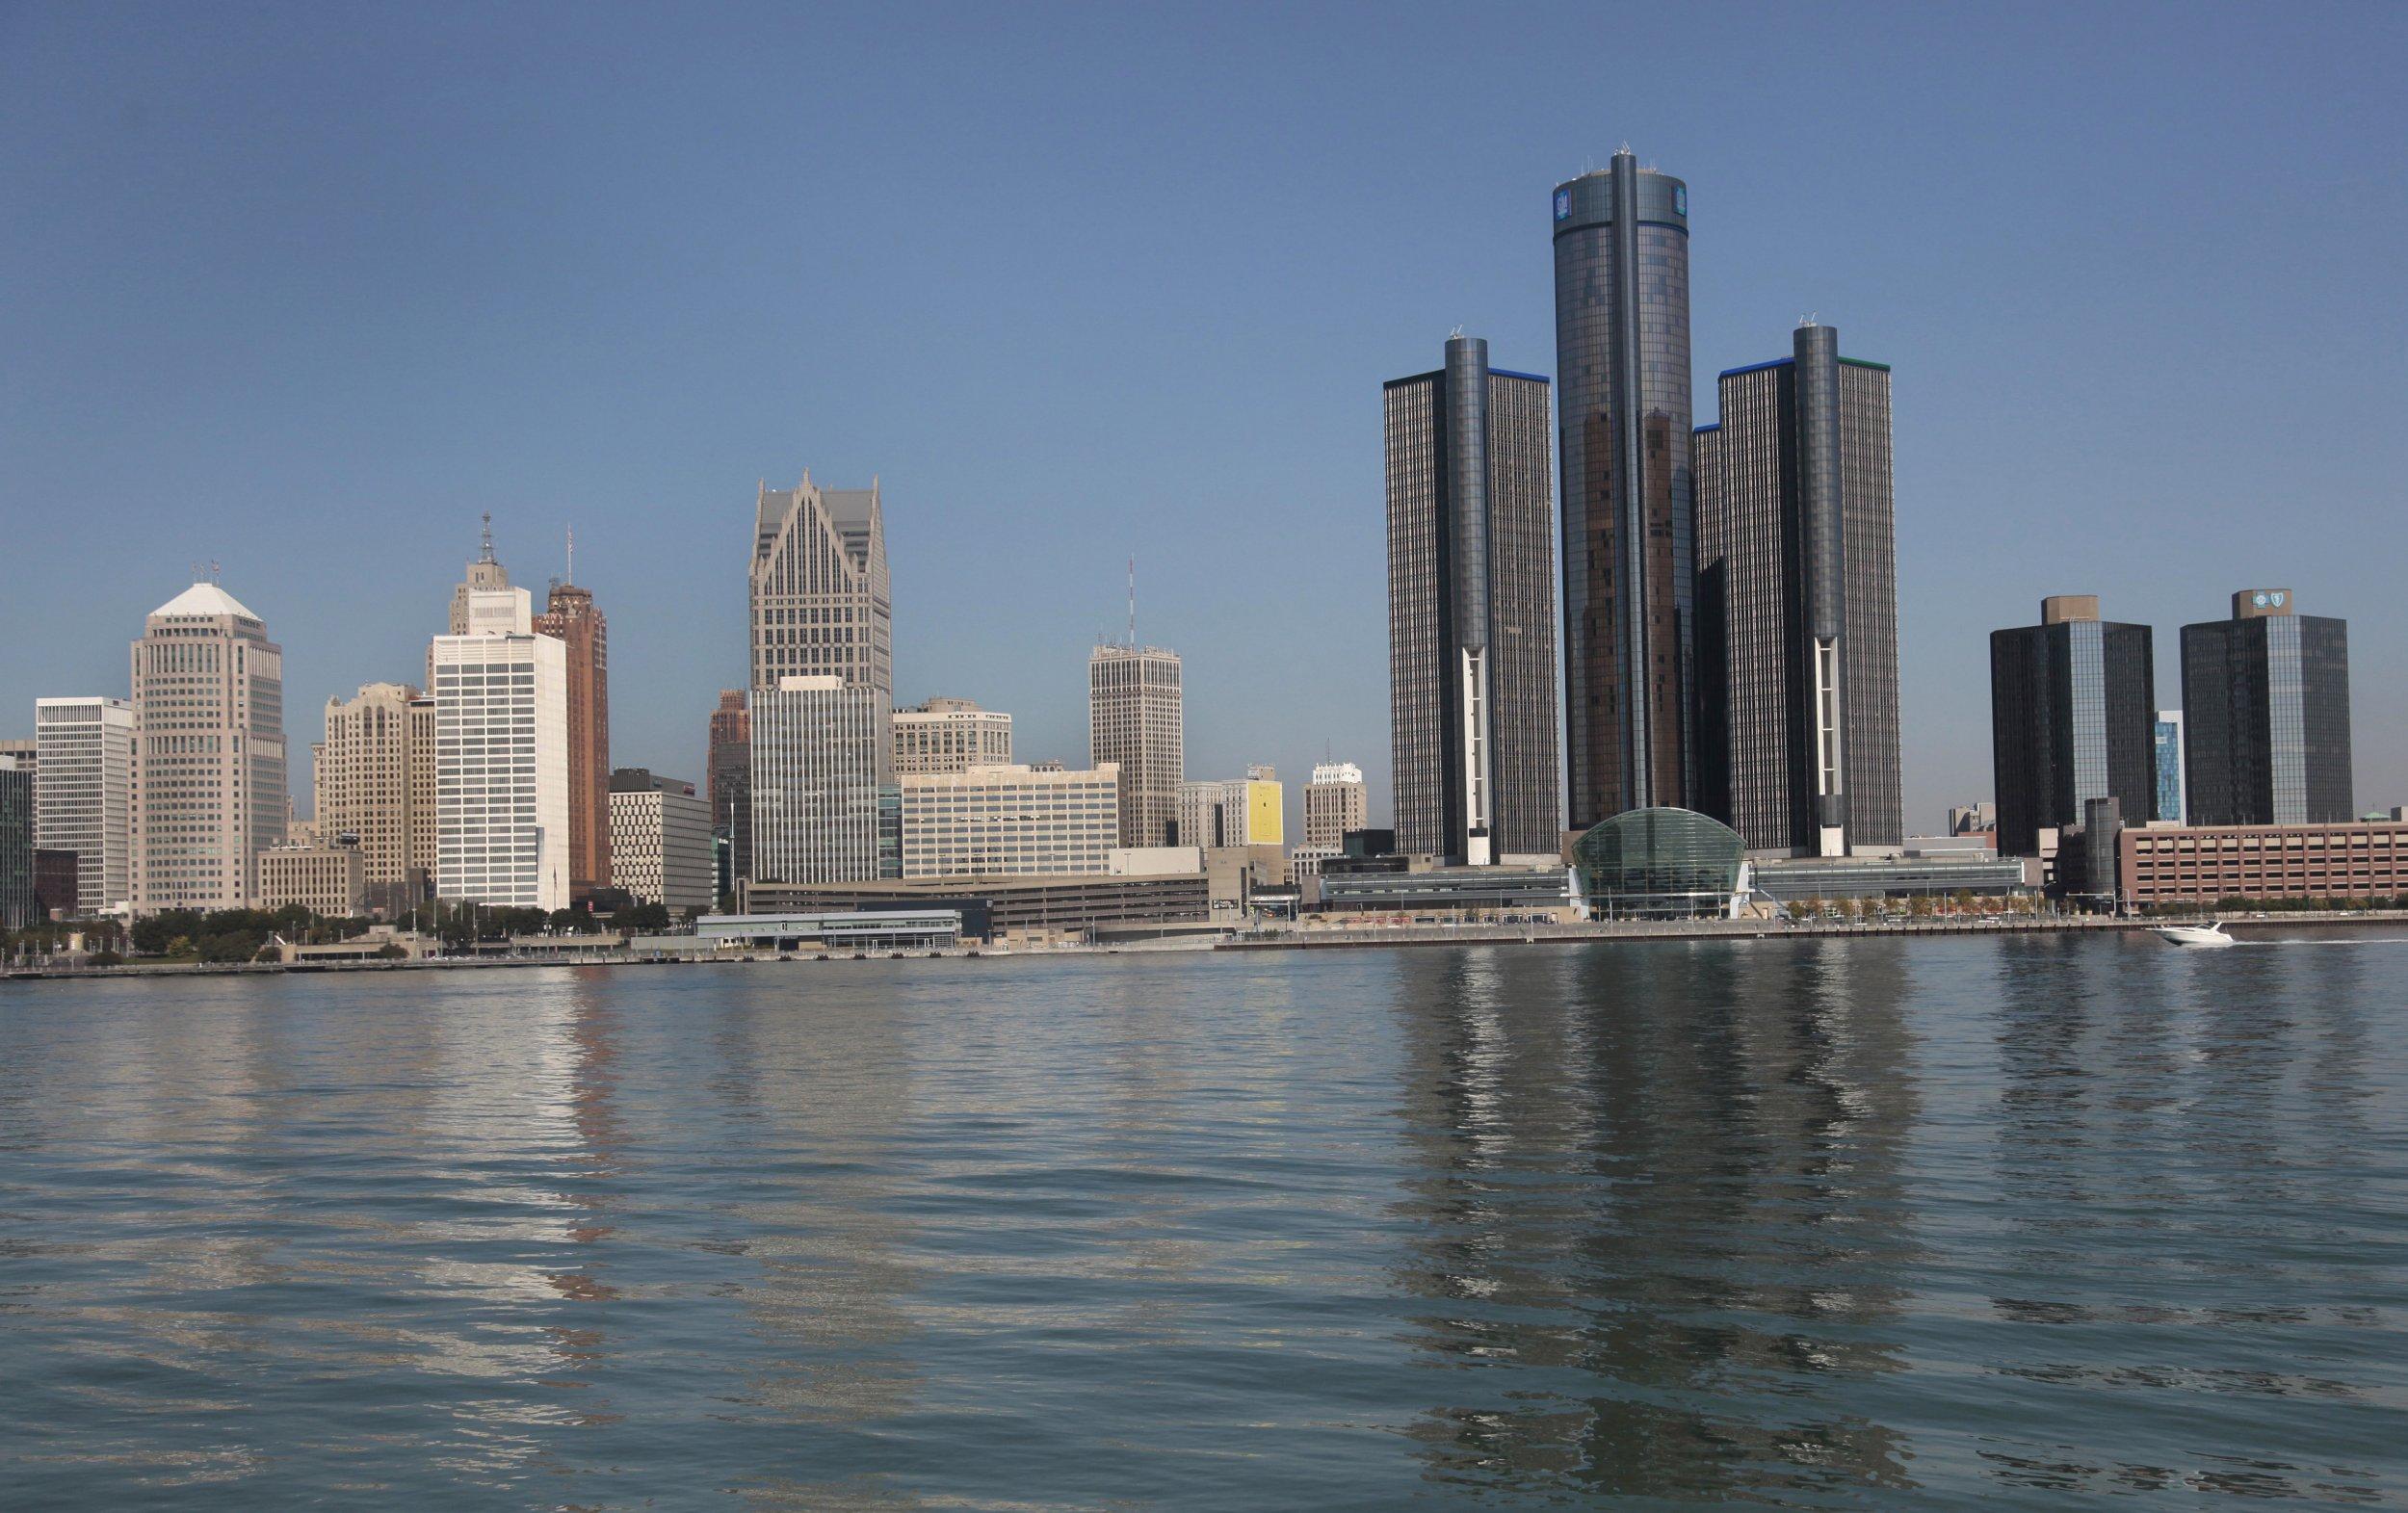 05_03_Detroit_01